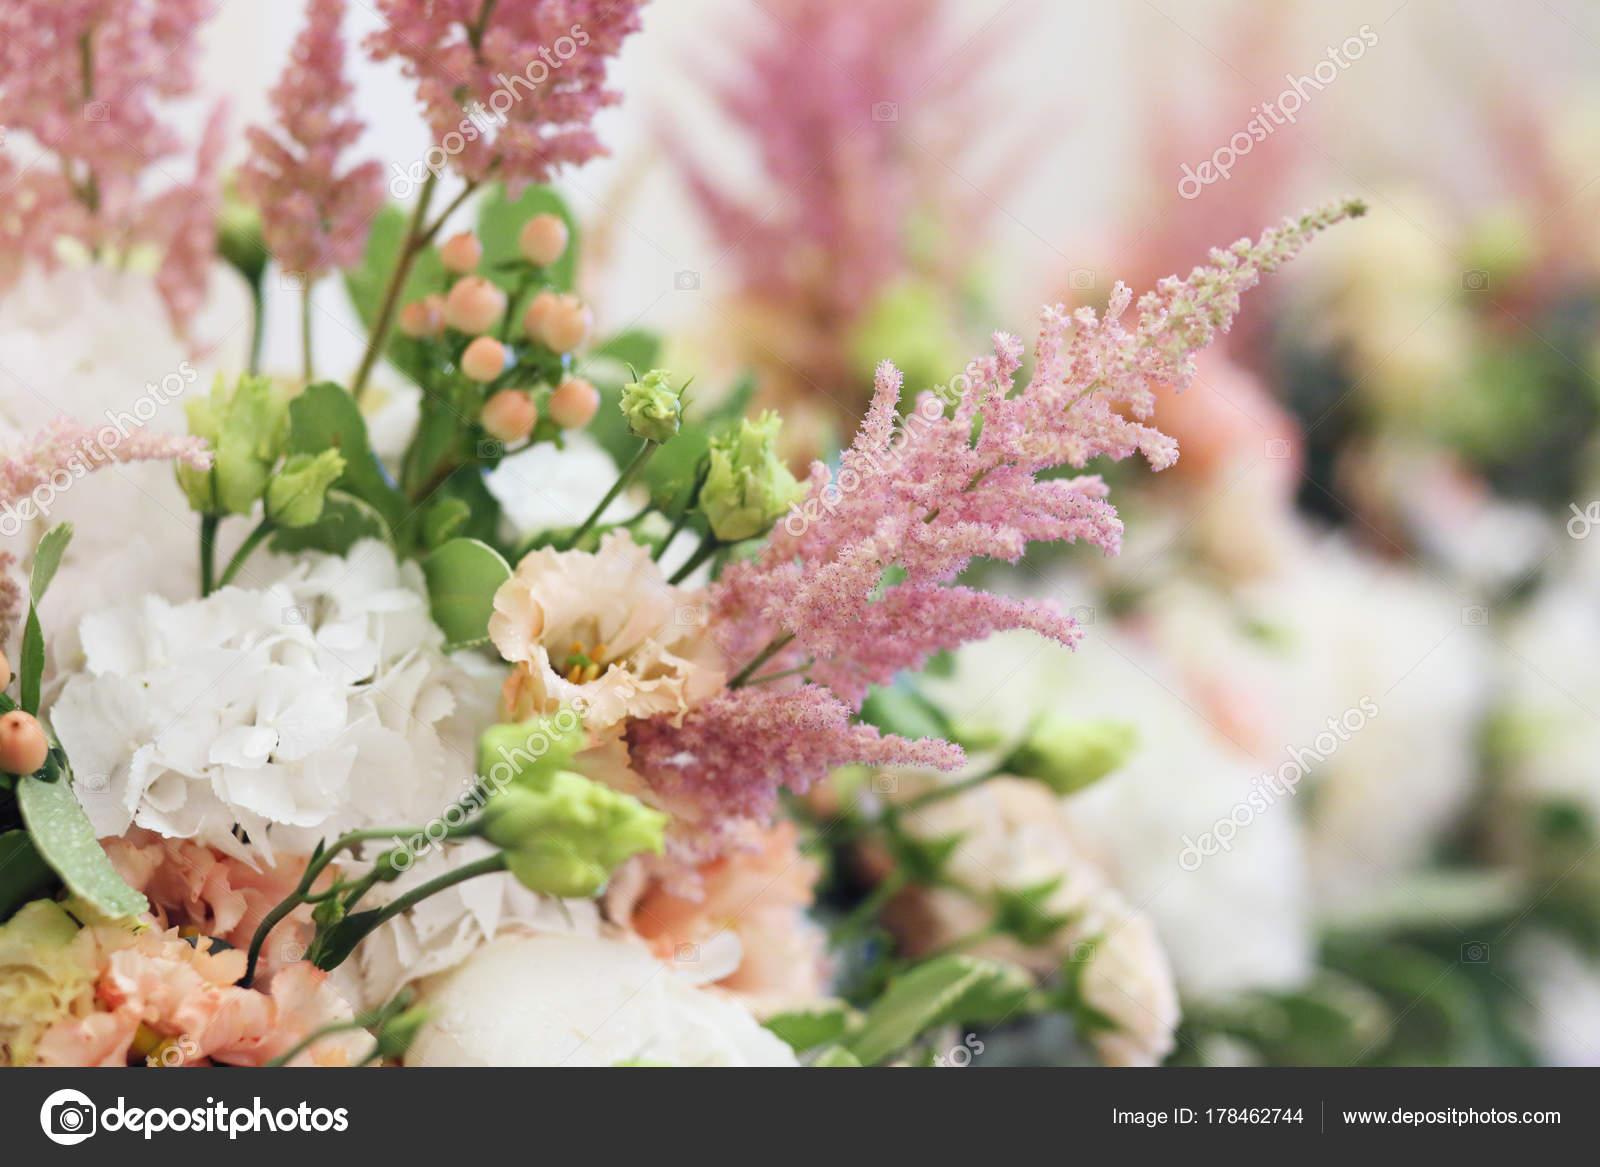 bouquets composition floristique avec pivoine blanche rose astilbe